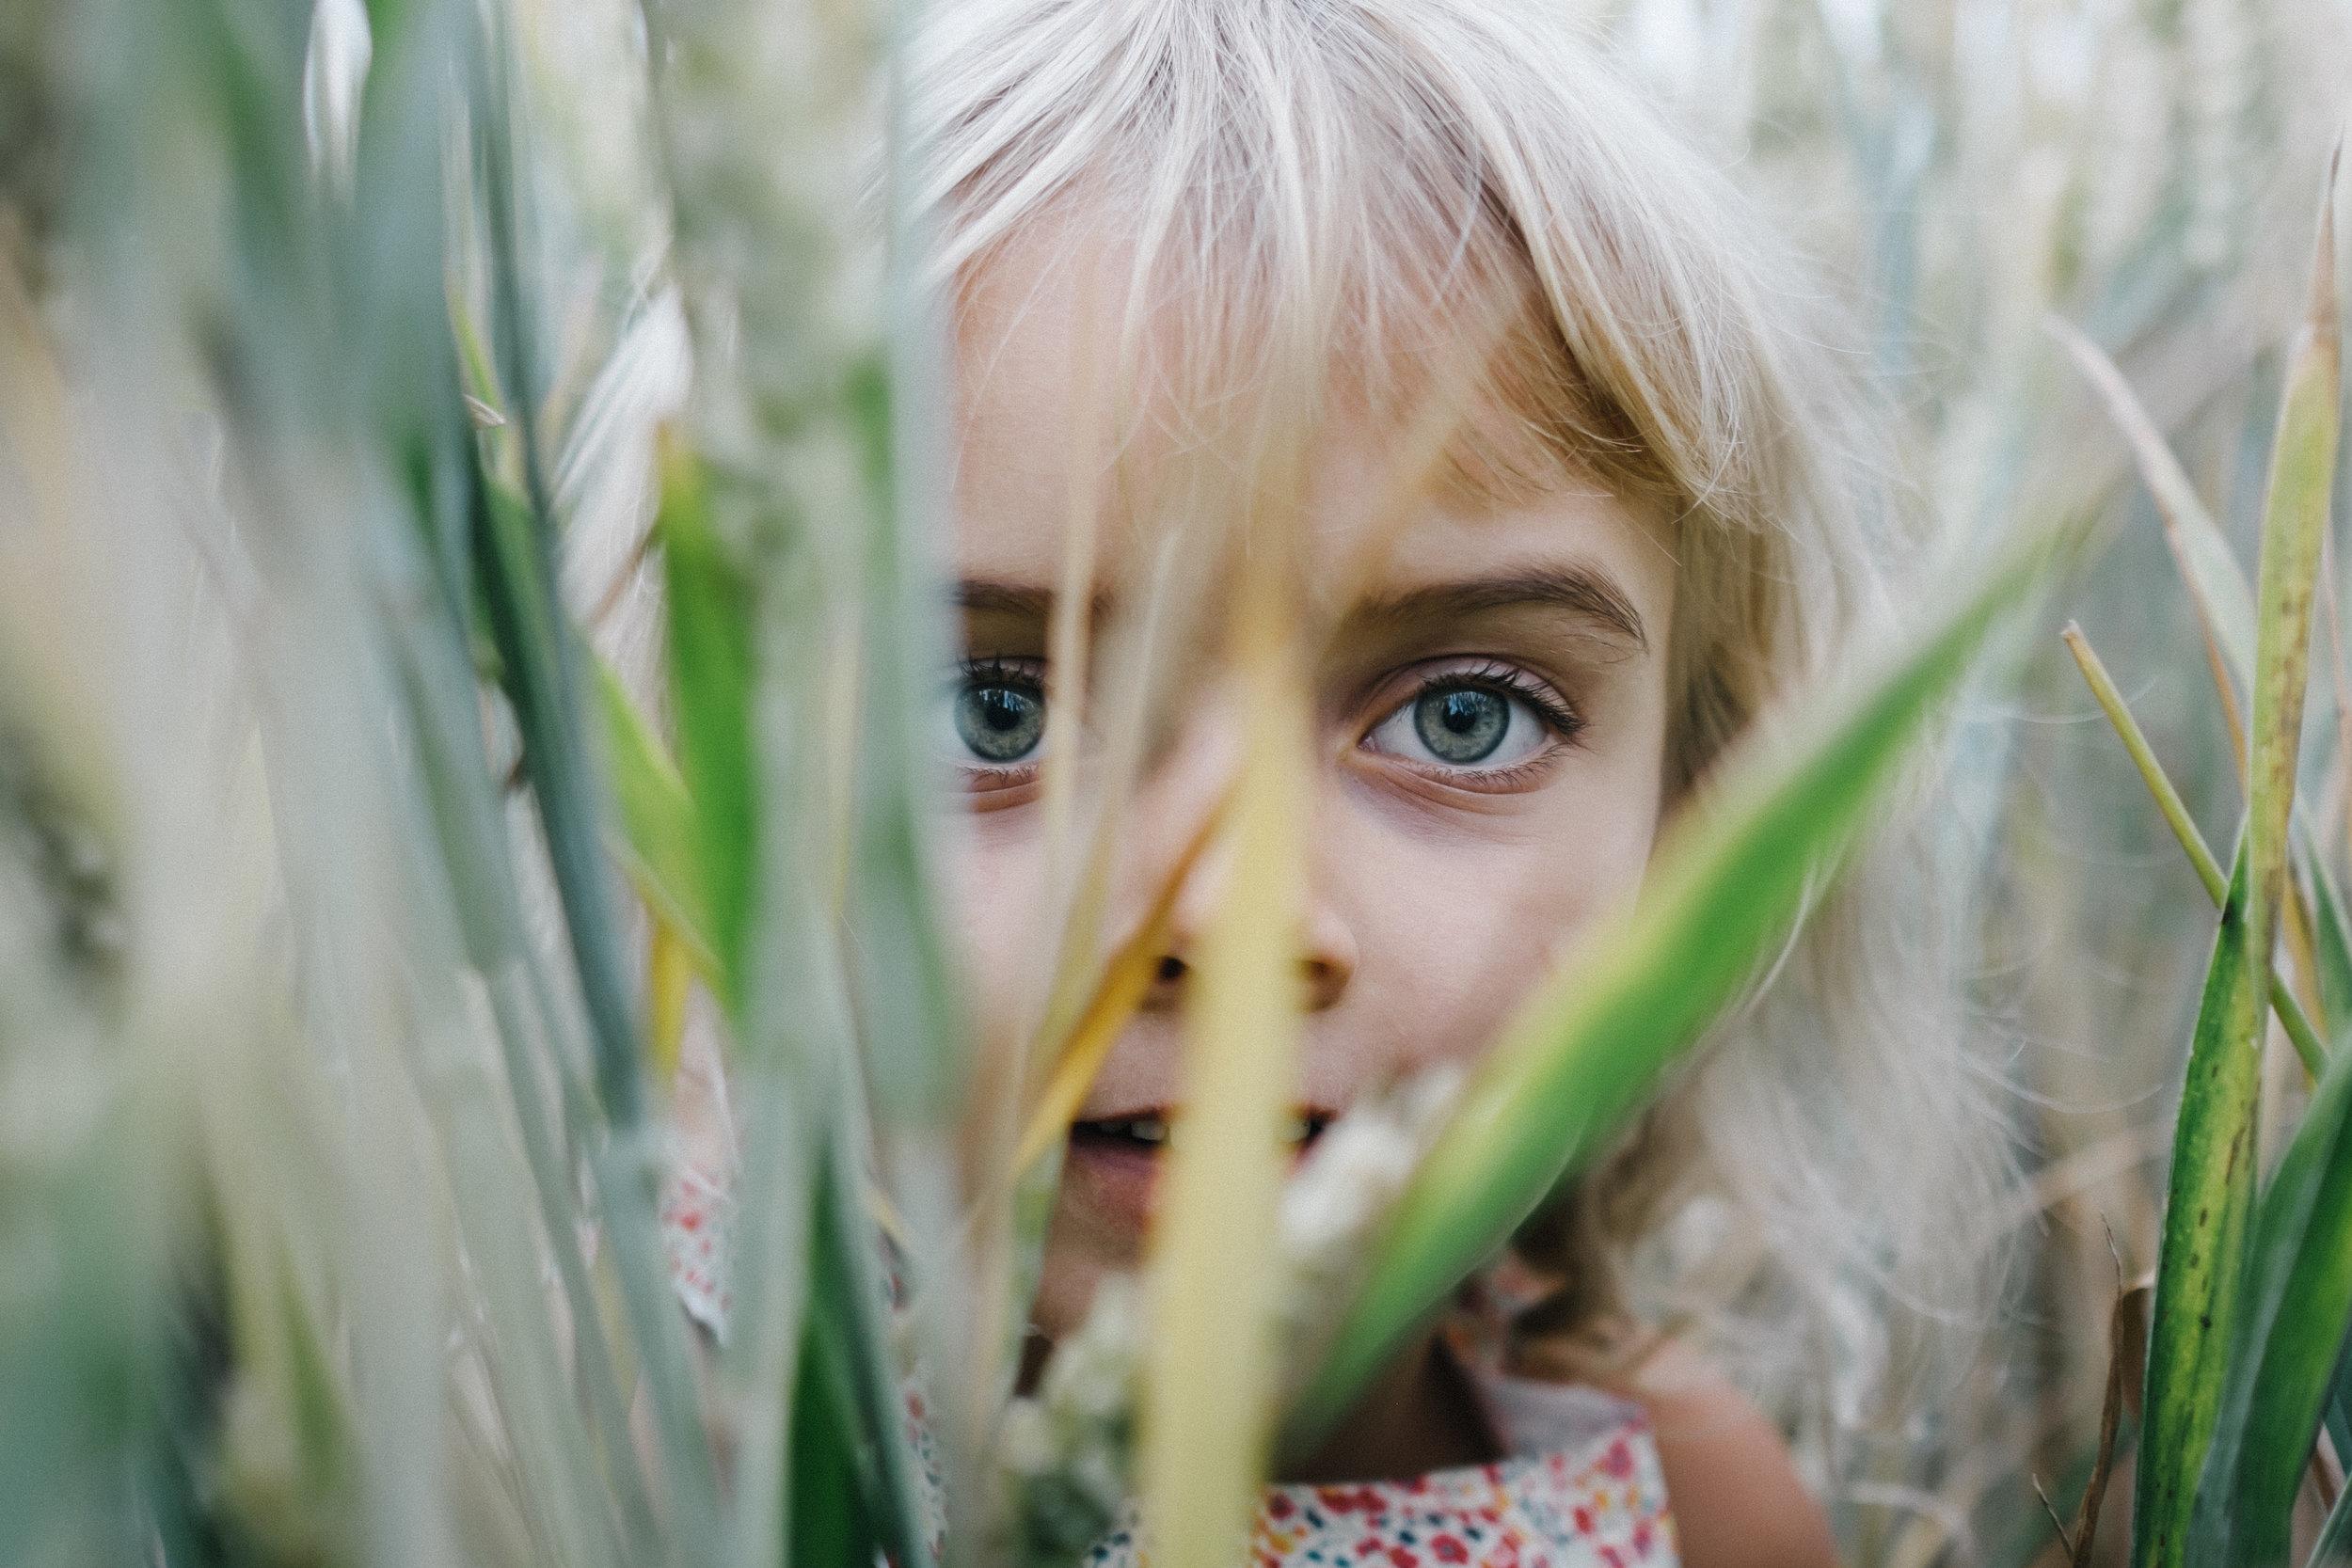 hanna - viola mueller-gerbes photography-10.jpeg